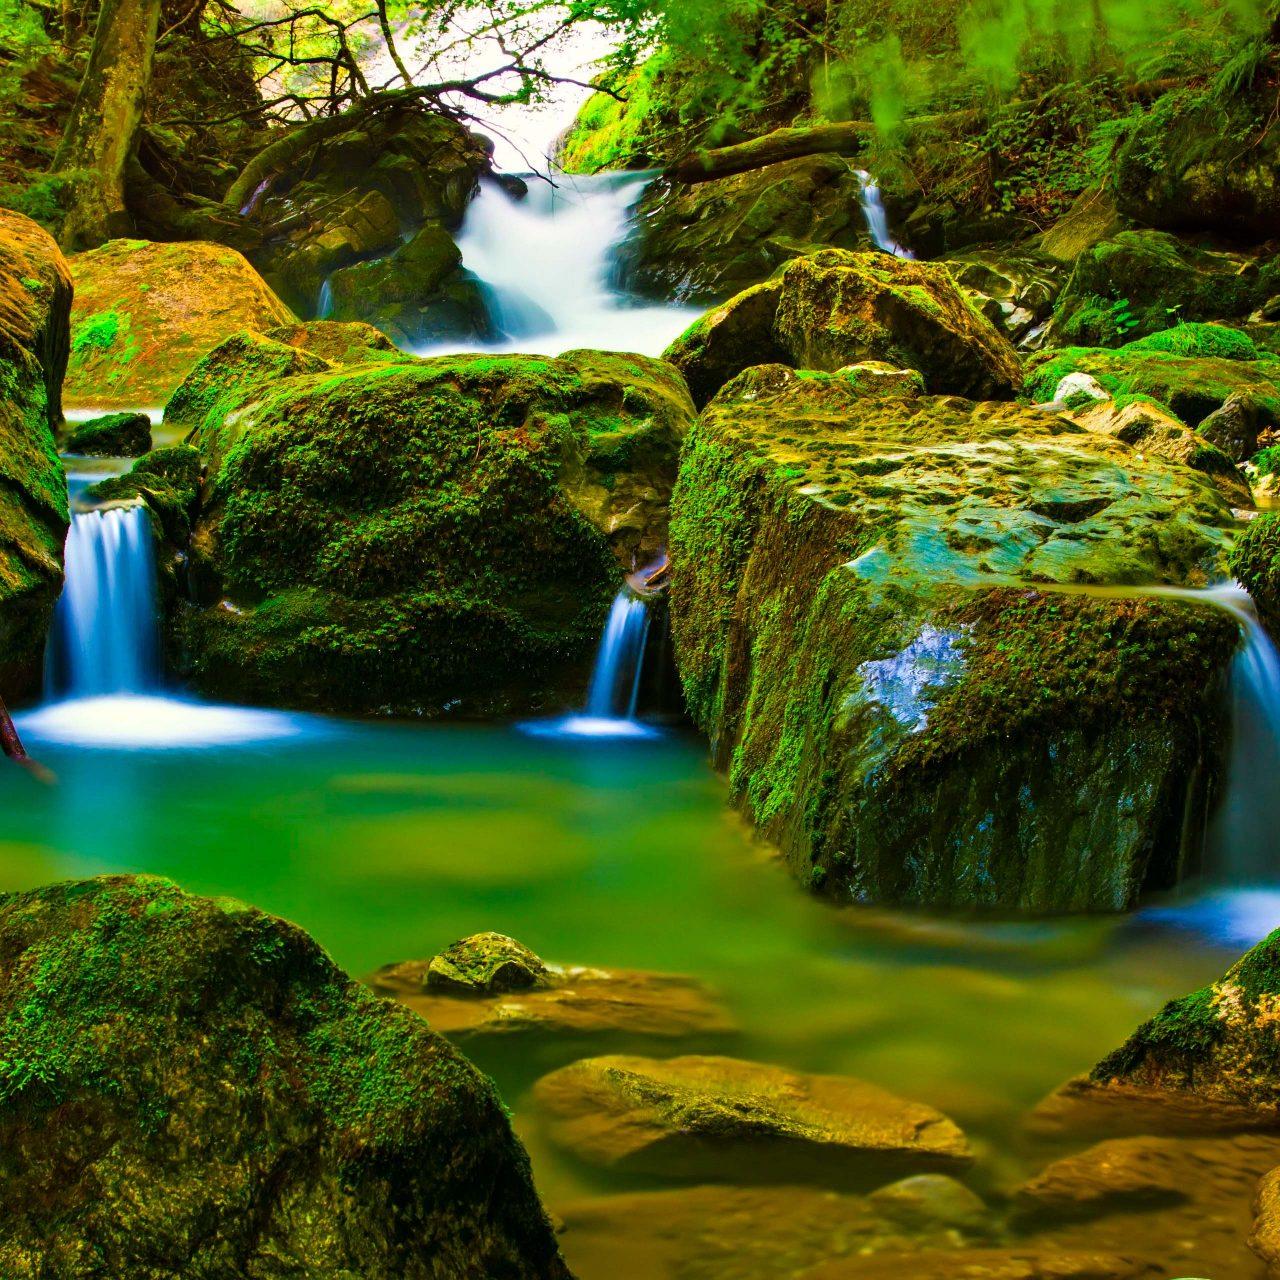 Smartphone Wallpaper 4k Nature: River Water Green Rocks Nature 4K Wallpaper